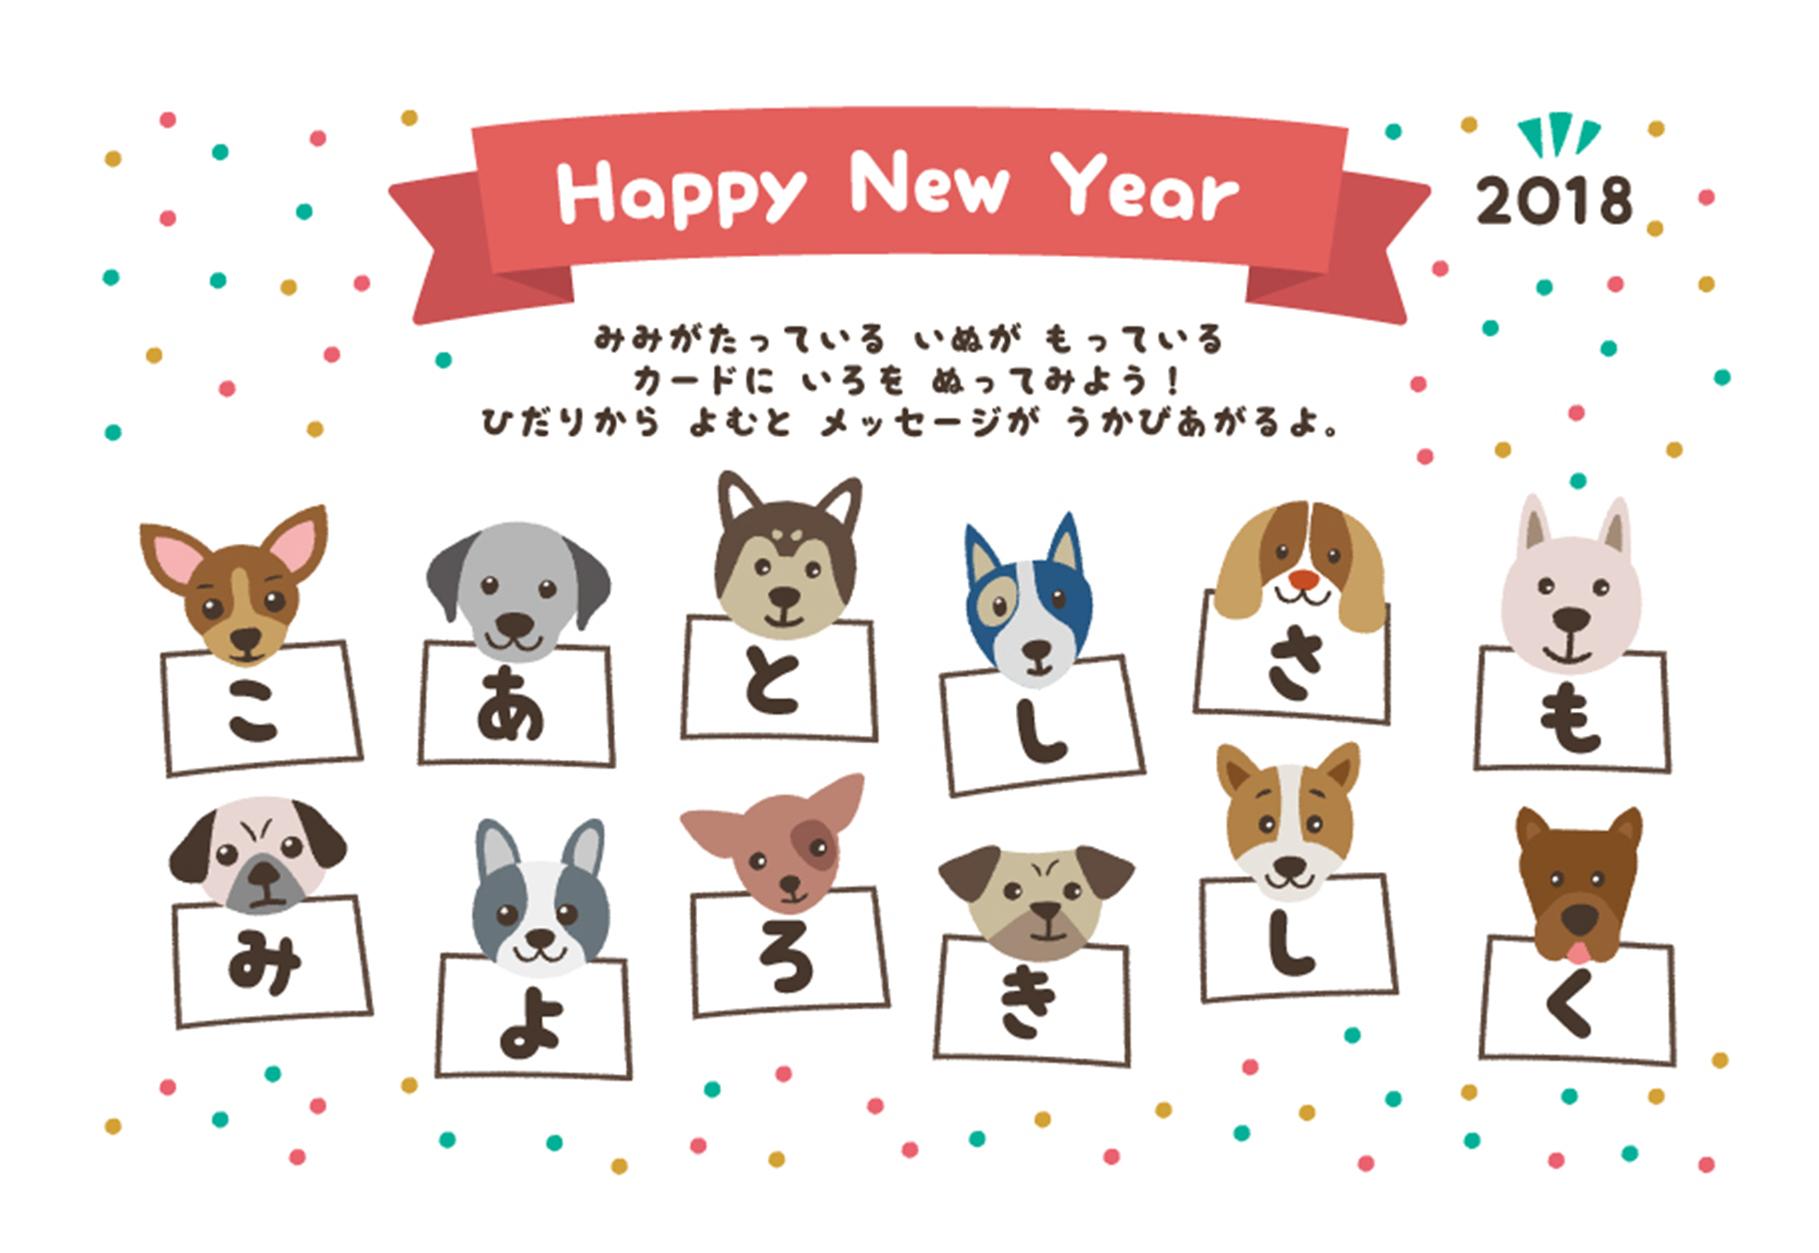 2018年賀状 ワードパズル・ことばクイズ[1] 無料テンプレート素材